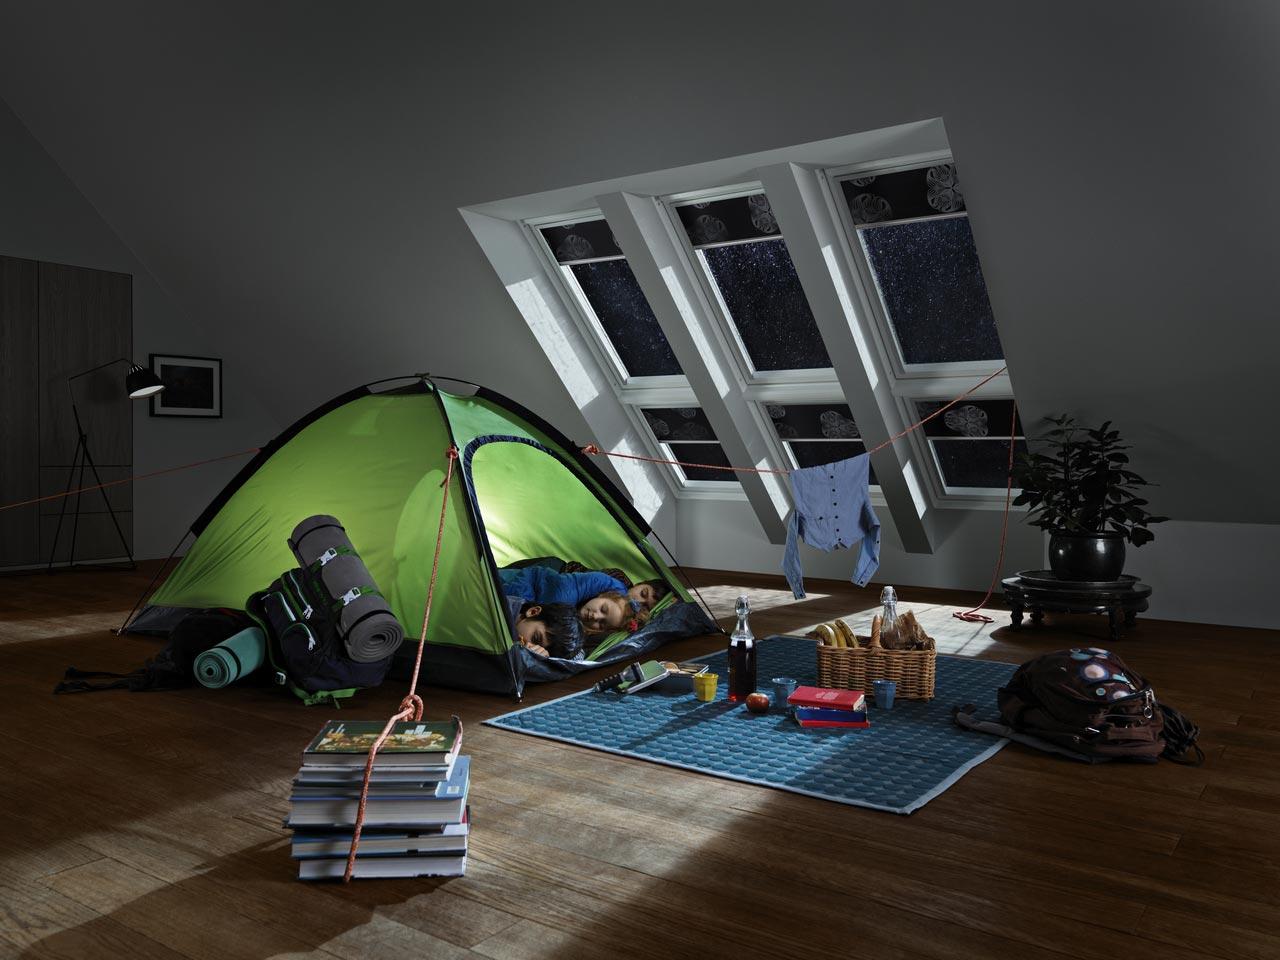 slapen ></p> <h2>Thuis een plek onder de sterren</h2> <p>Geen zin om zover te reizen, een hekel aan zand tussen je tenen of kriebelbeestjes in je slaapzak, dan kun je ook thuis een plek onder de sterren creëren. Met VELUX producten is dit gemakkelijker te realiseren dan je denkt. Staat je bed onder een schuin dak, denk dan eens aan het plaatsen van dakramen zowel naast als boven elkaar. Slaap je onder een plat dak dan biedt een lichtkoepel uitkomst. Zo krijg je niet alleen meer licht, lucht en ruimte in je slaapkamer, maar kun je 's nachts ook nog genieten van een fantastisch uitzicht op de sterrenhemel.</p> <h2>Je bed niet uit</h2> <p>Als je behoefte hebt aan meer duisternis: alle VELUX dakramen en lichtkoepels kunnen worden voorzien van hippe raamdecoratie zoals bijvoorbeeld op afstand bedienbare verduisterende rolgordijnen. Helemaal te gek: zowel de dakramen als verduisterende rolgordijnen worden bediend met een innovatieve bedieningstablet. Je hoeft je bed dus echt niet uit! Zie je het al voor je? Romantisch met je lief onder de Melkweg. In plaats van schaapjes, sterren tellend in slaap vallen. Dromen onder de Grote en Kleine beer en slapen terwijl Sirius over je waakt. Kijk voor nog veel meer inspirerende ideeën voor slapen onder de sterren op <a href=